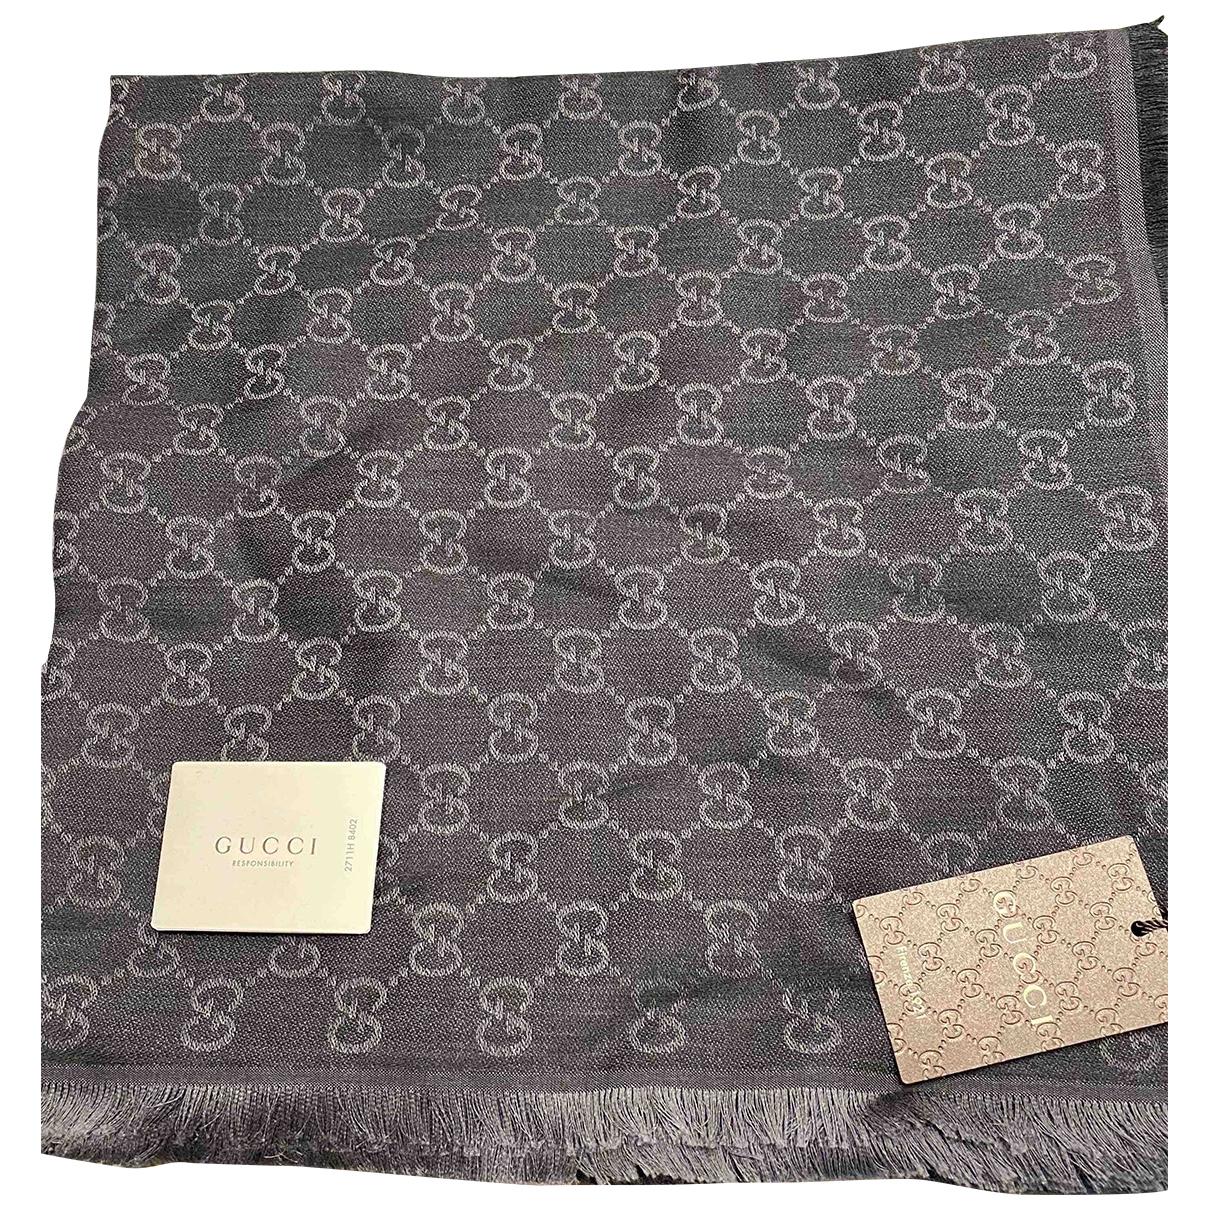 Gucci - Foulard   pour femme en soie - anthracite